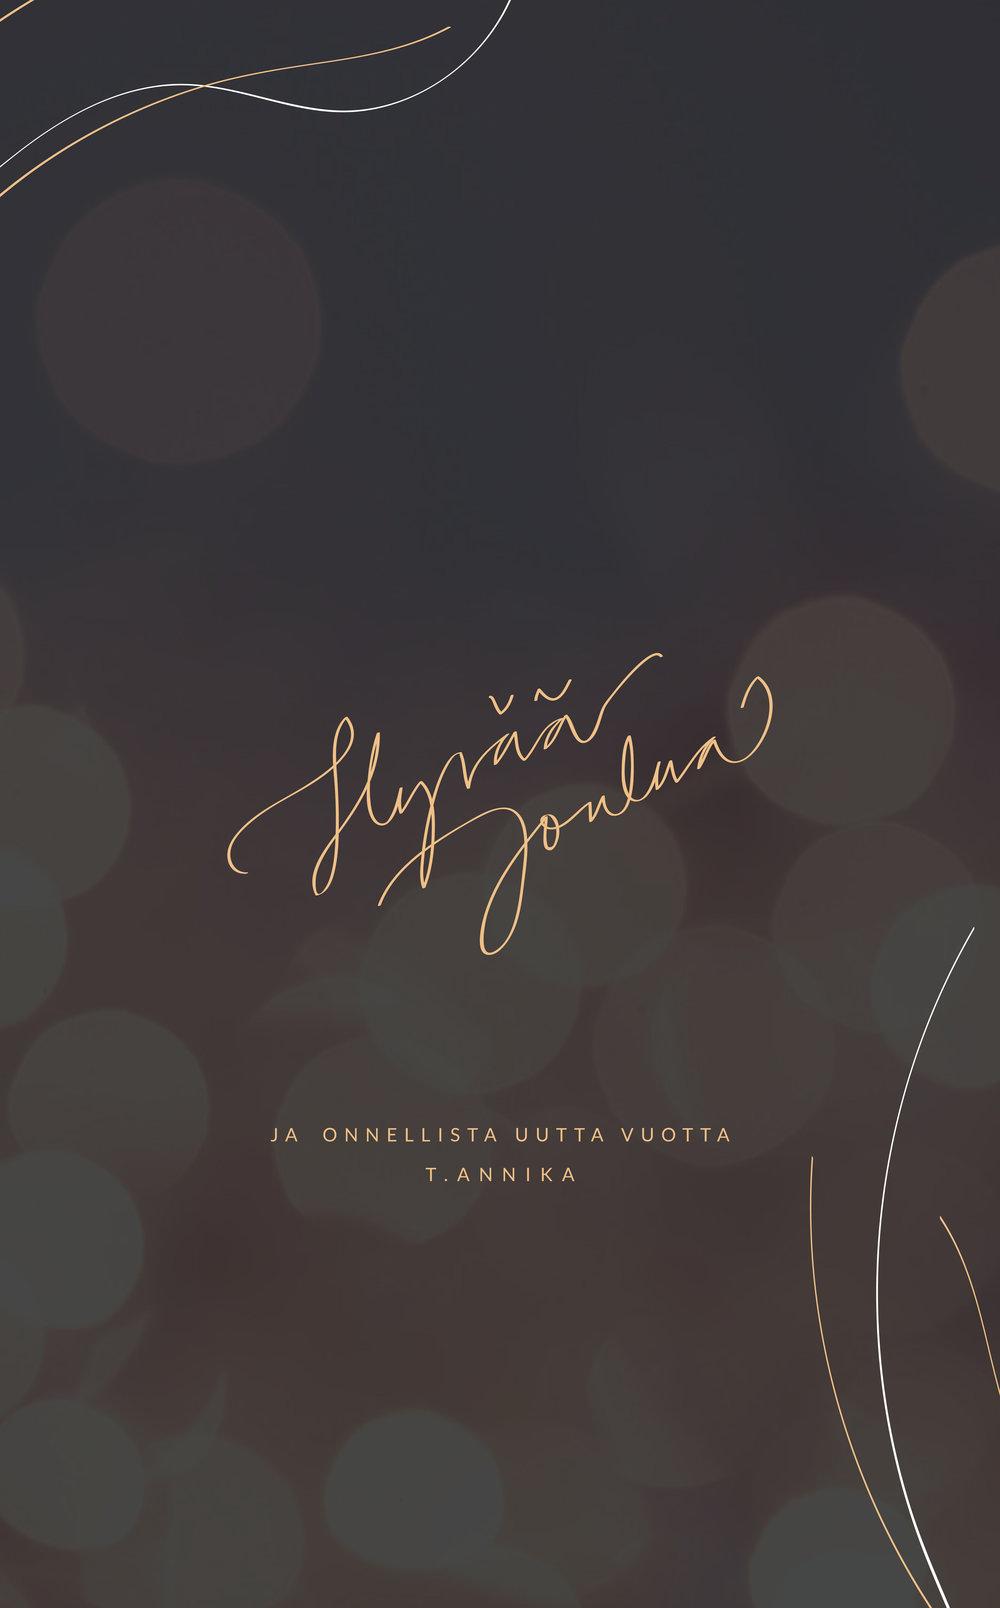 Hyvää Joulua _AnnikaVälimäki.jpg